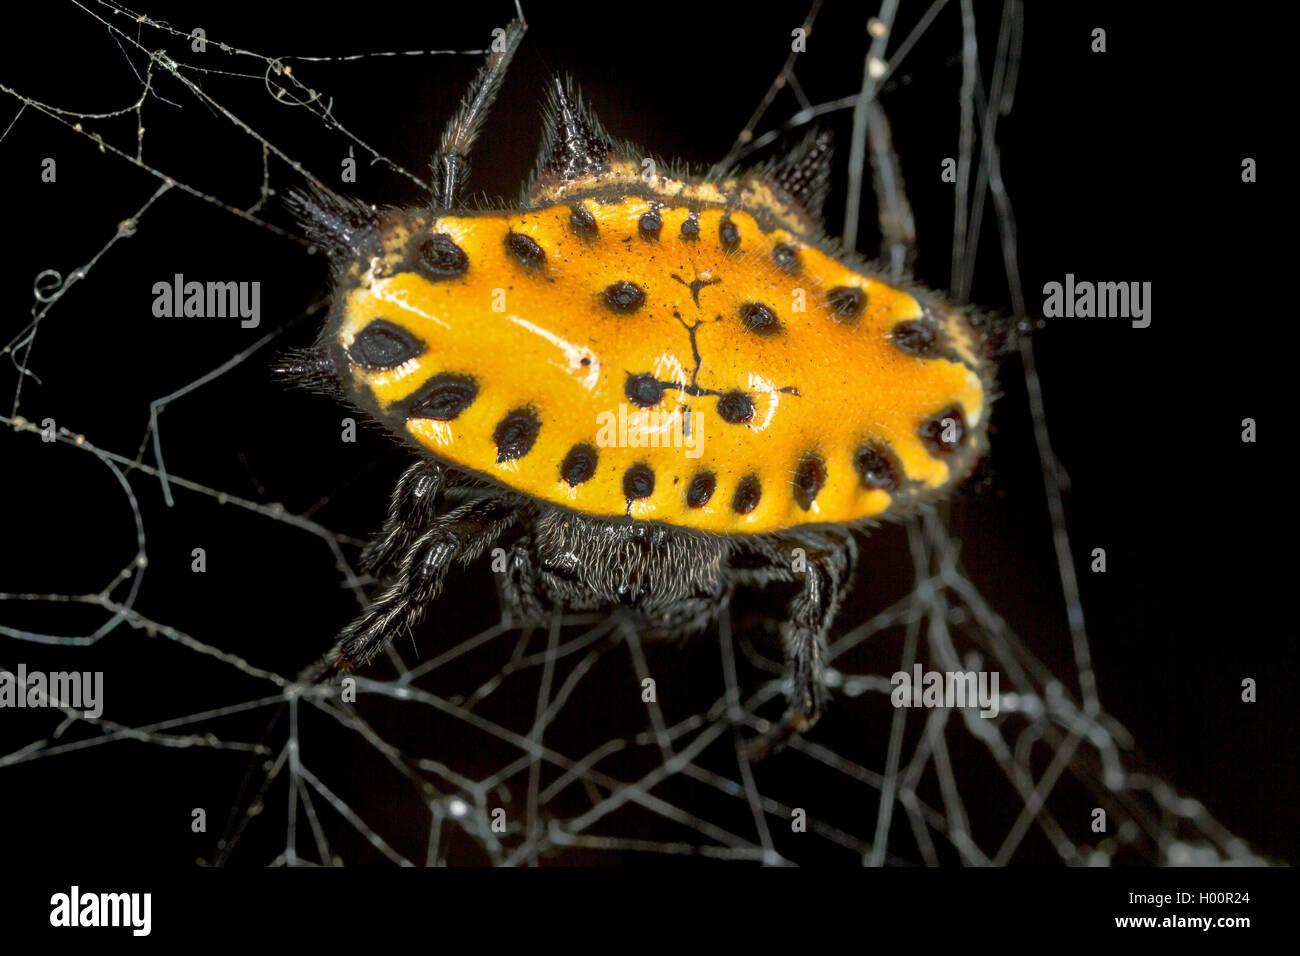 Radnetzspinne, Radnetz-Spinne, Gastercantha cancriformis (Gastercantha cancriformis), in ihrem Netz, Costa Rica - Stock Image